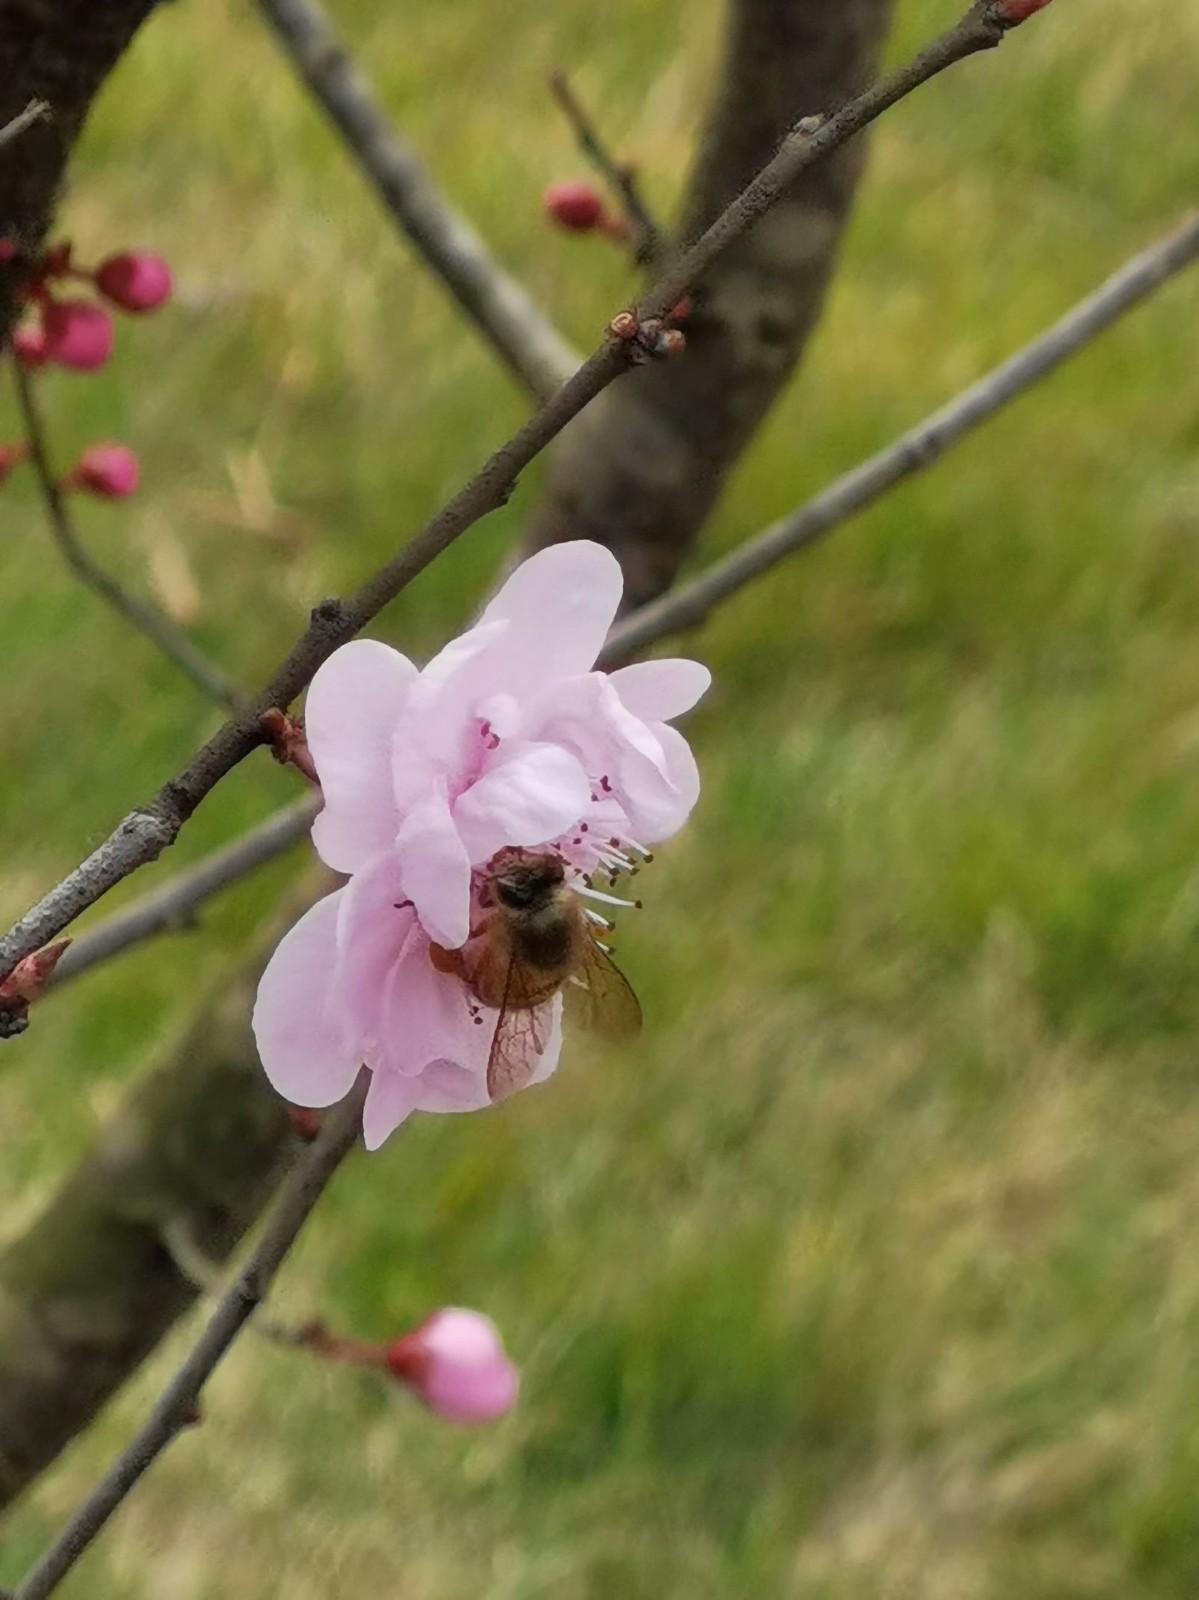 正月初六桃花开,蜜蜂闻讯采蜜来_图1-8